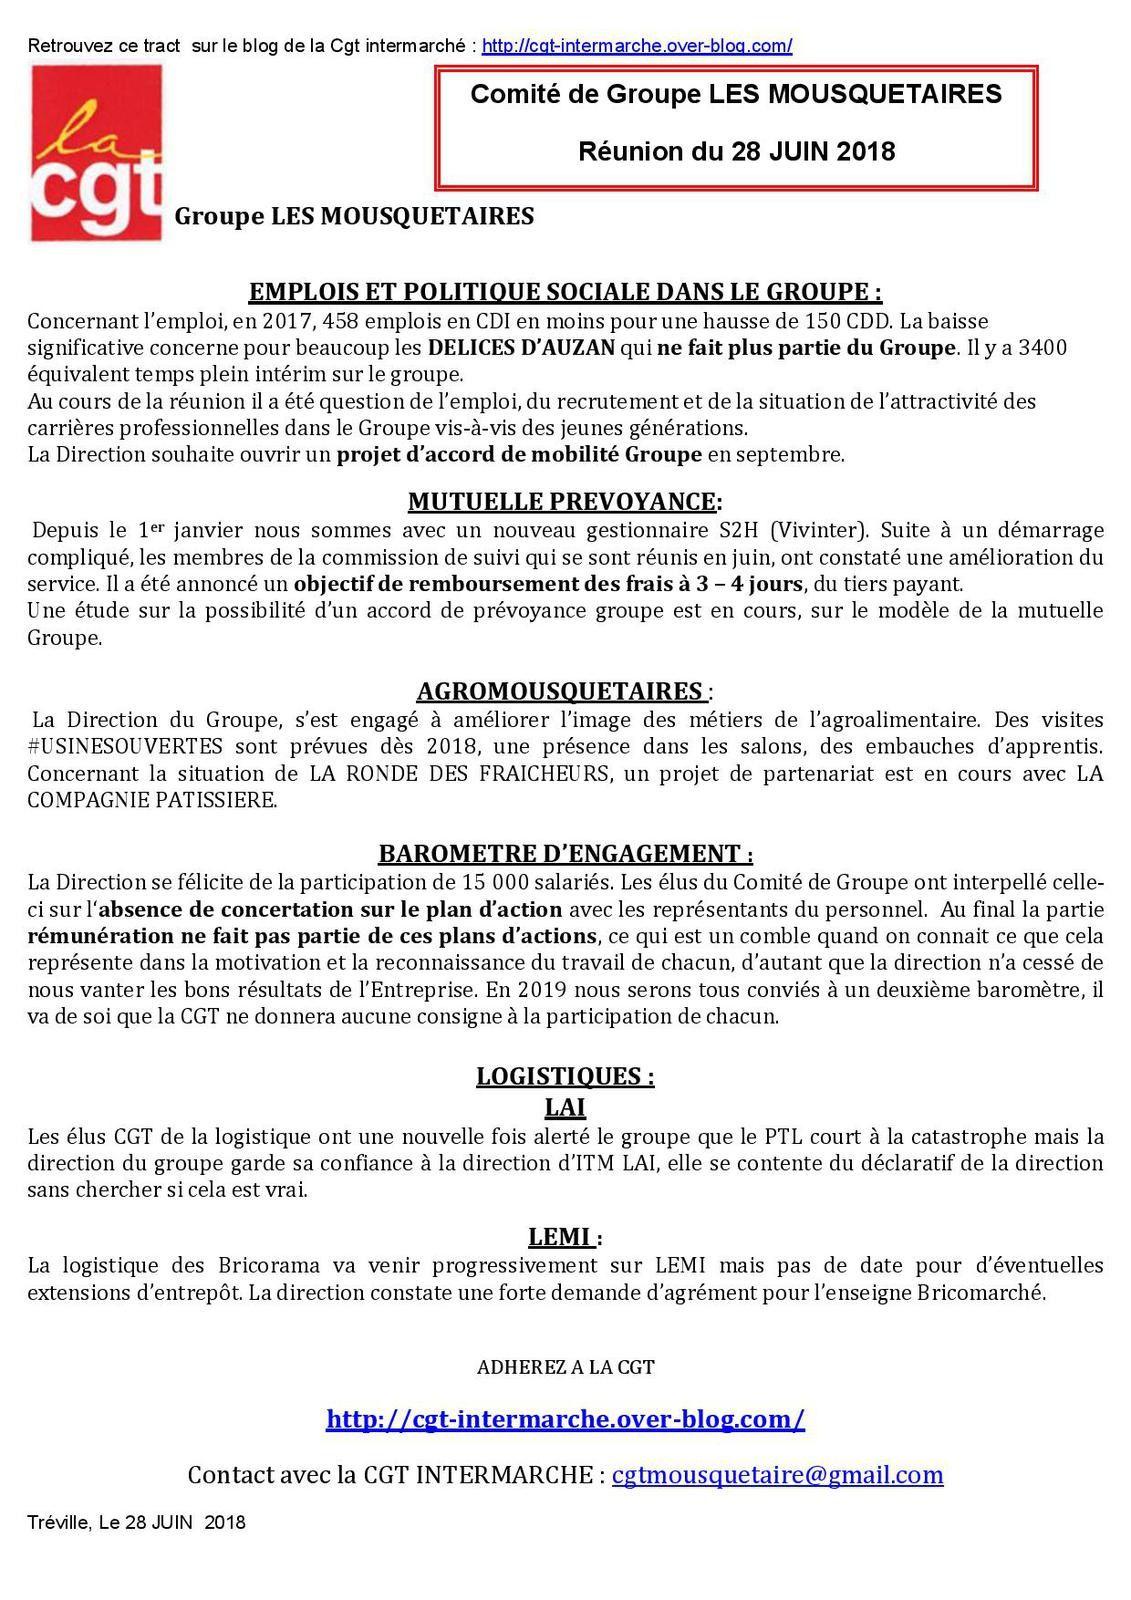 #CGT #COMITE DE GROUPE  #LES MOUSQUETAIRES